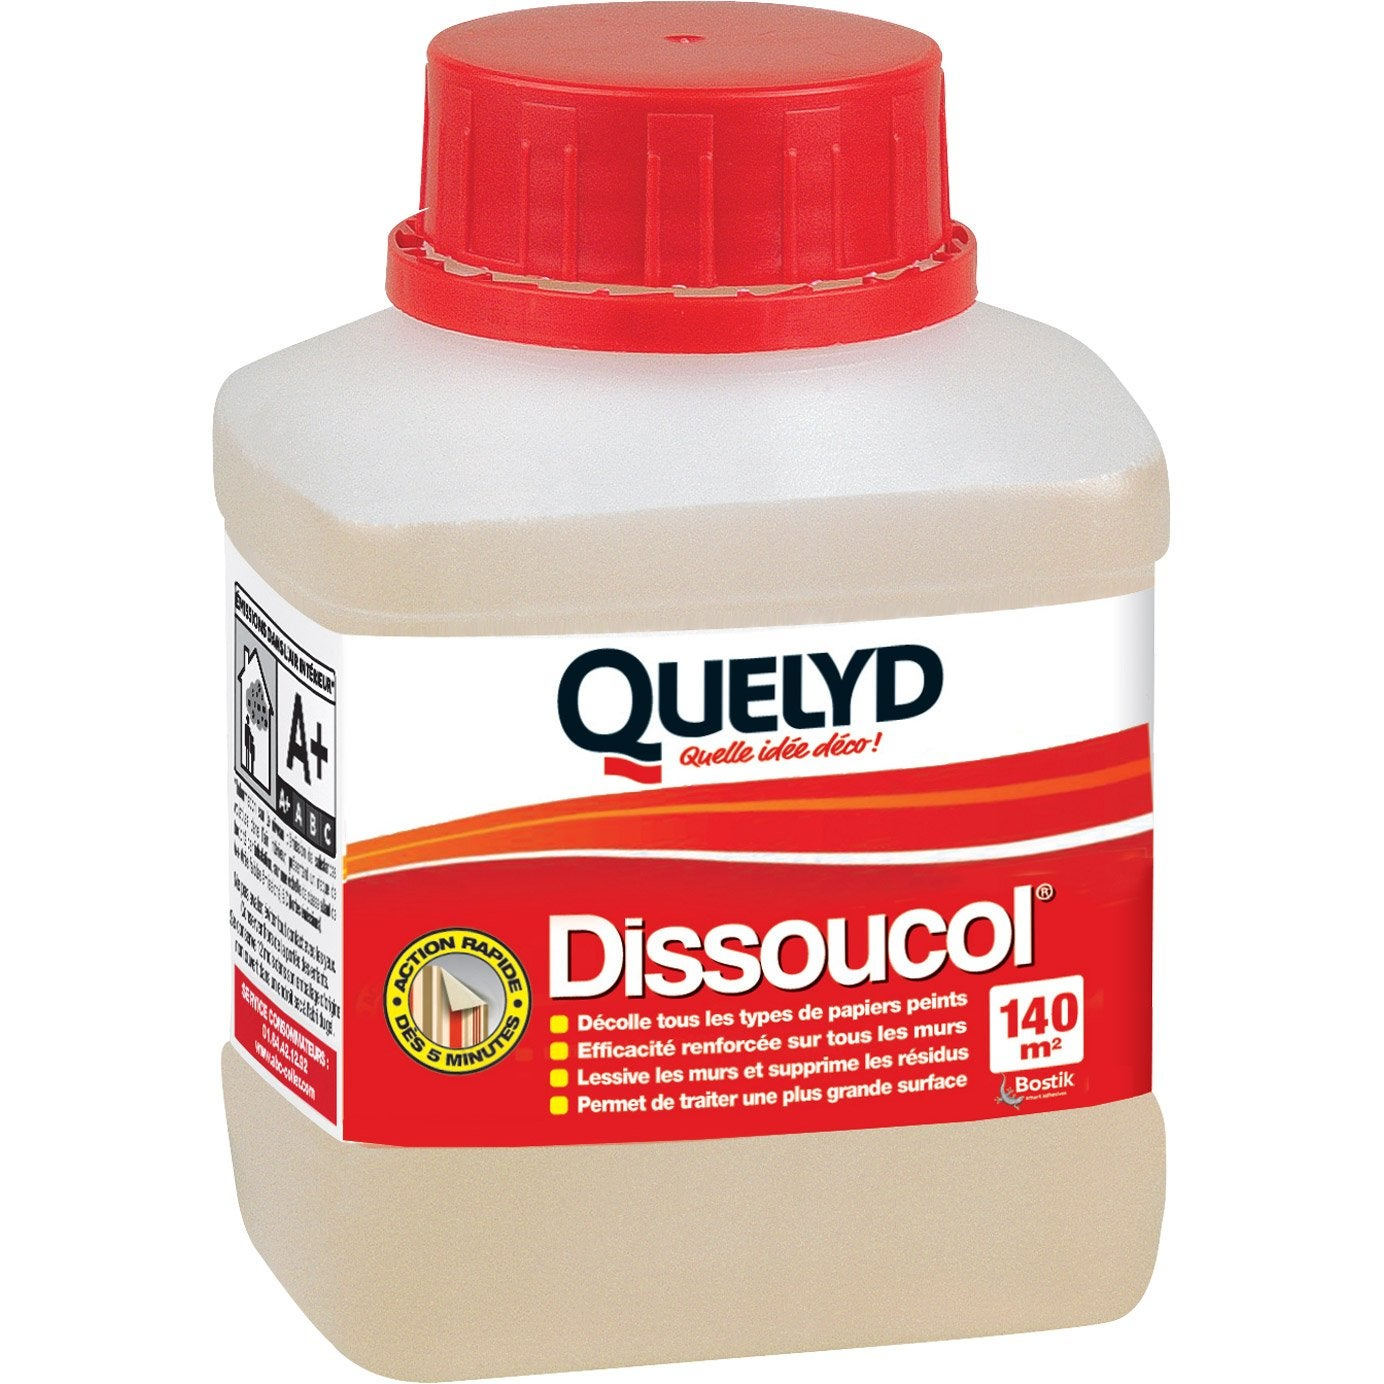 Décoller Papier Peint Produit décolleur dissoucol quelyd 250 ml quelyd, 0.25 kg